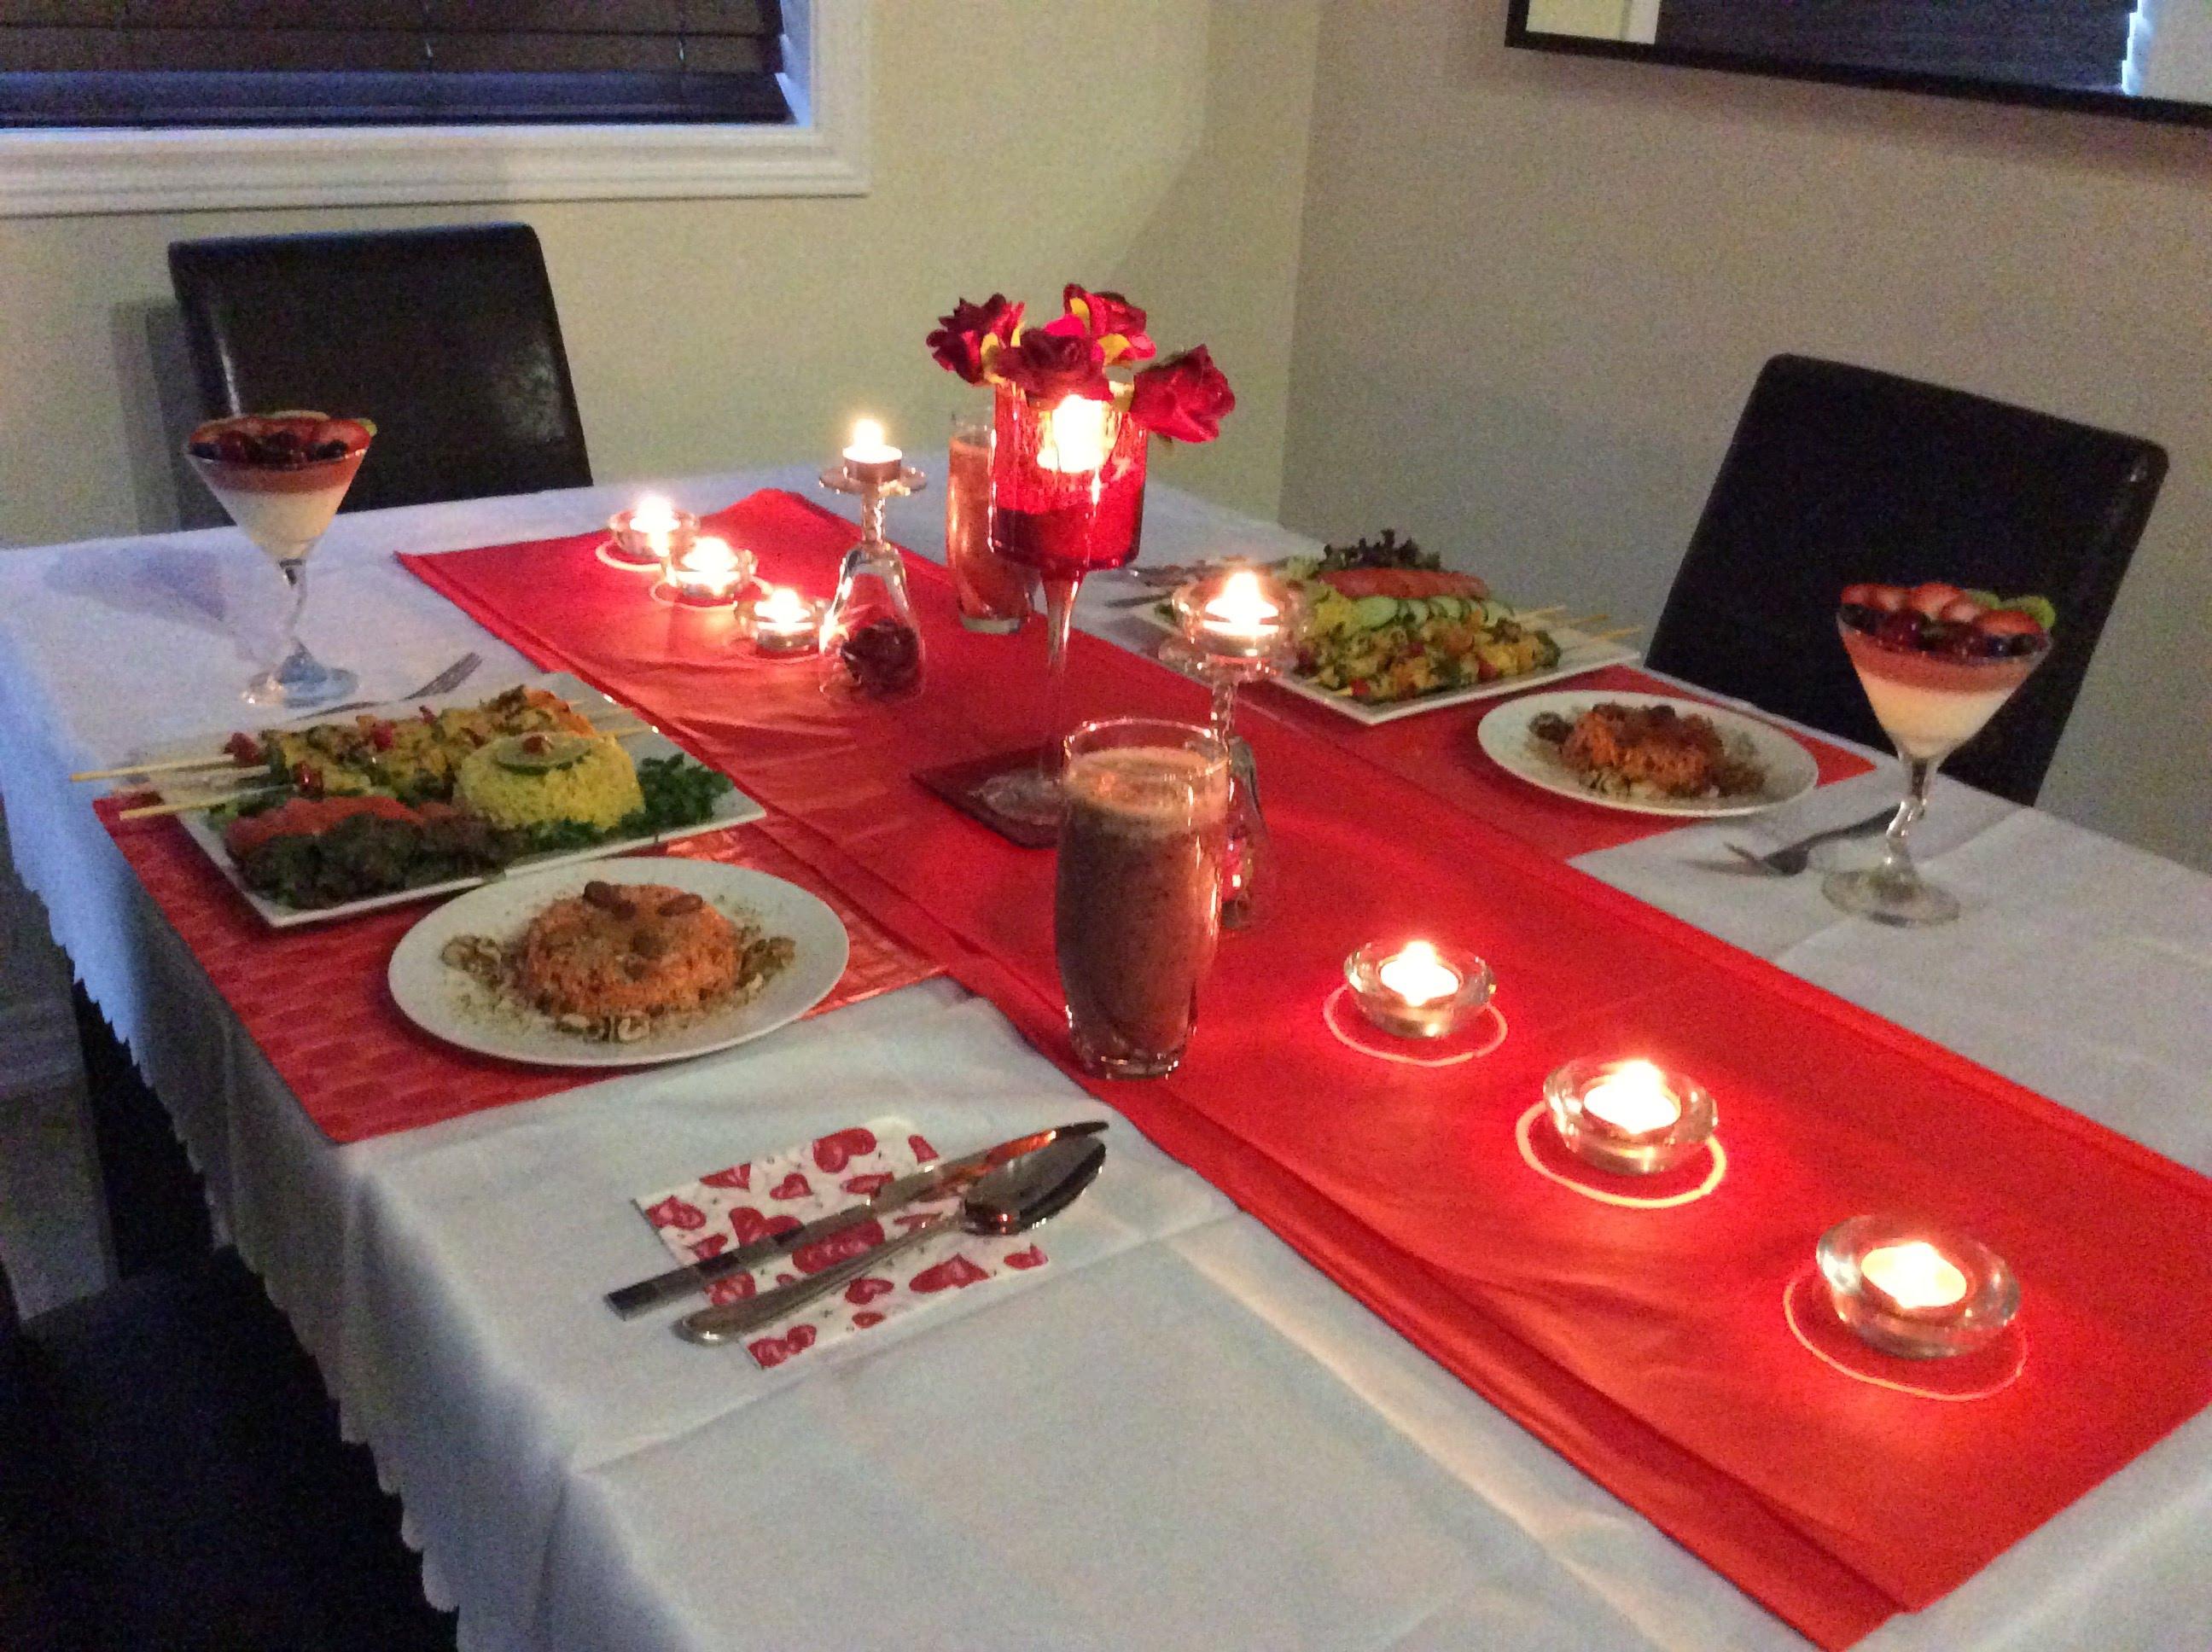 صور عشاء رومانسي في البيت , اجمل الصور معبرة عن عشا رومنسى